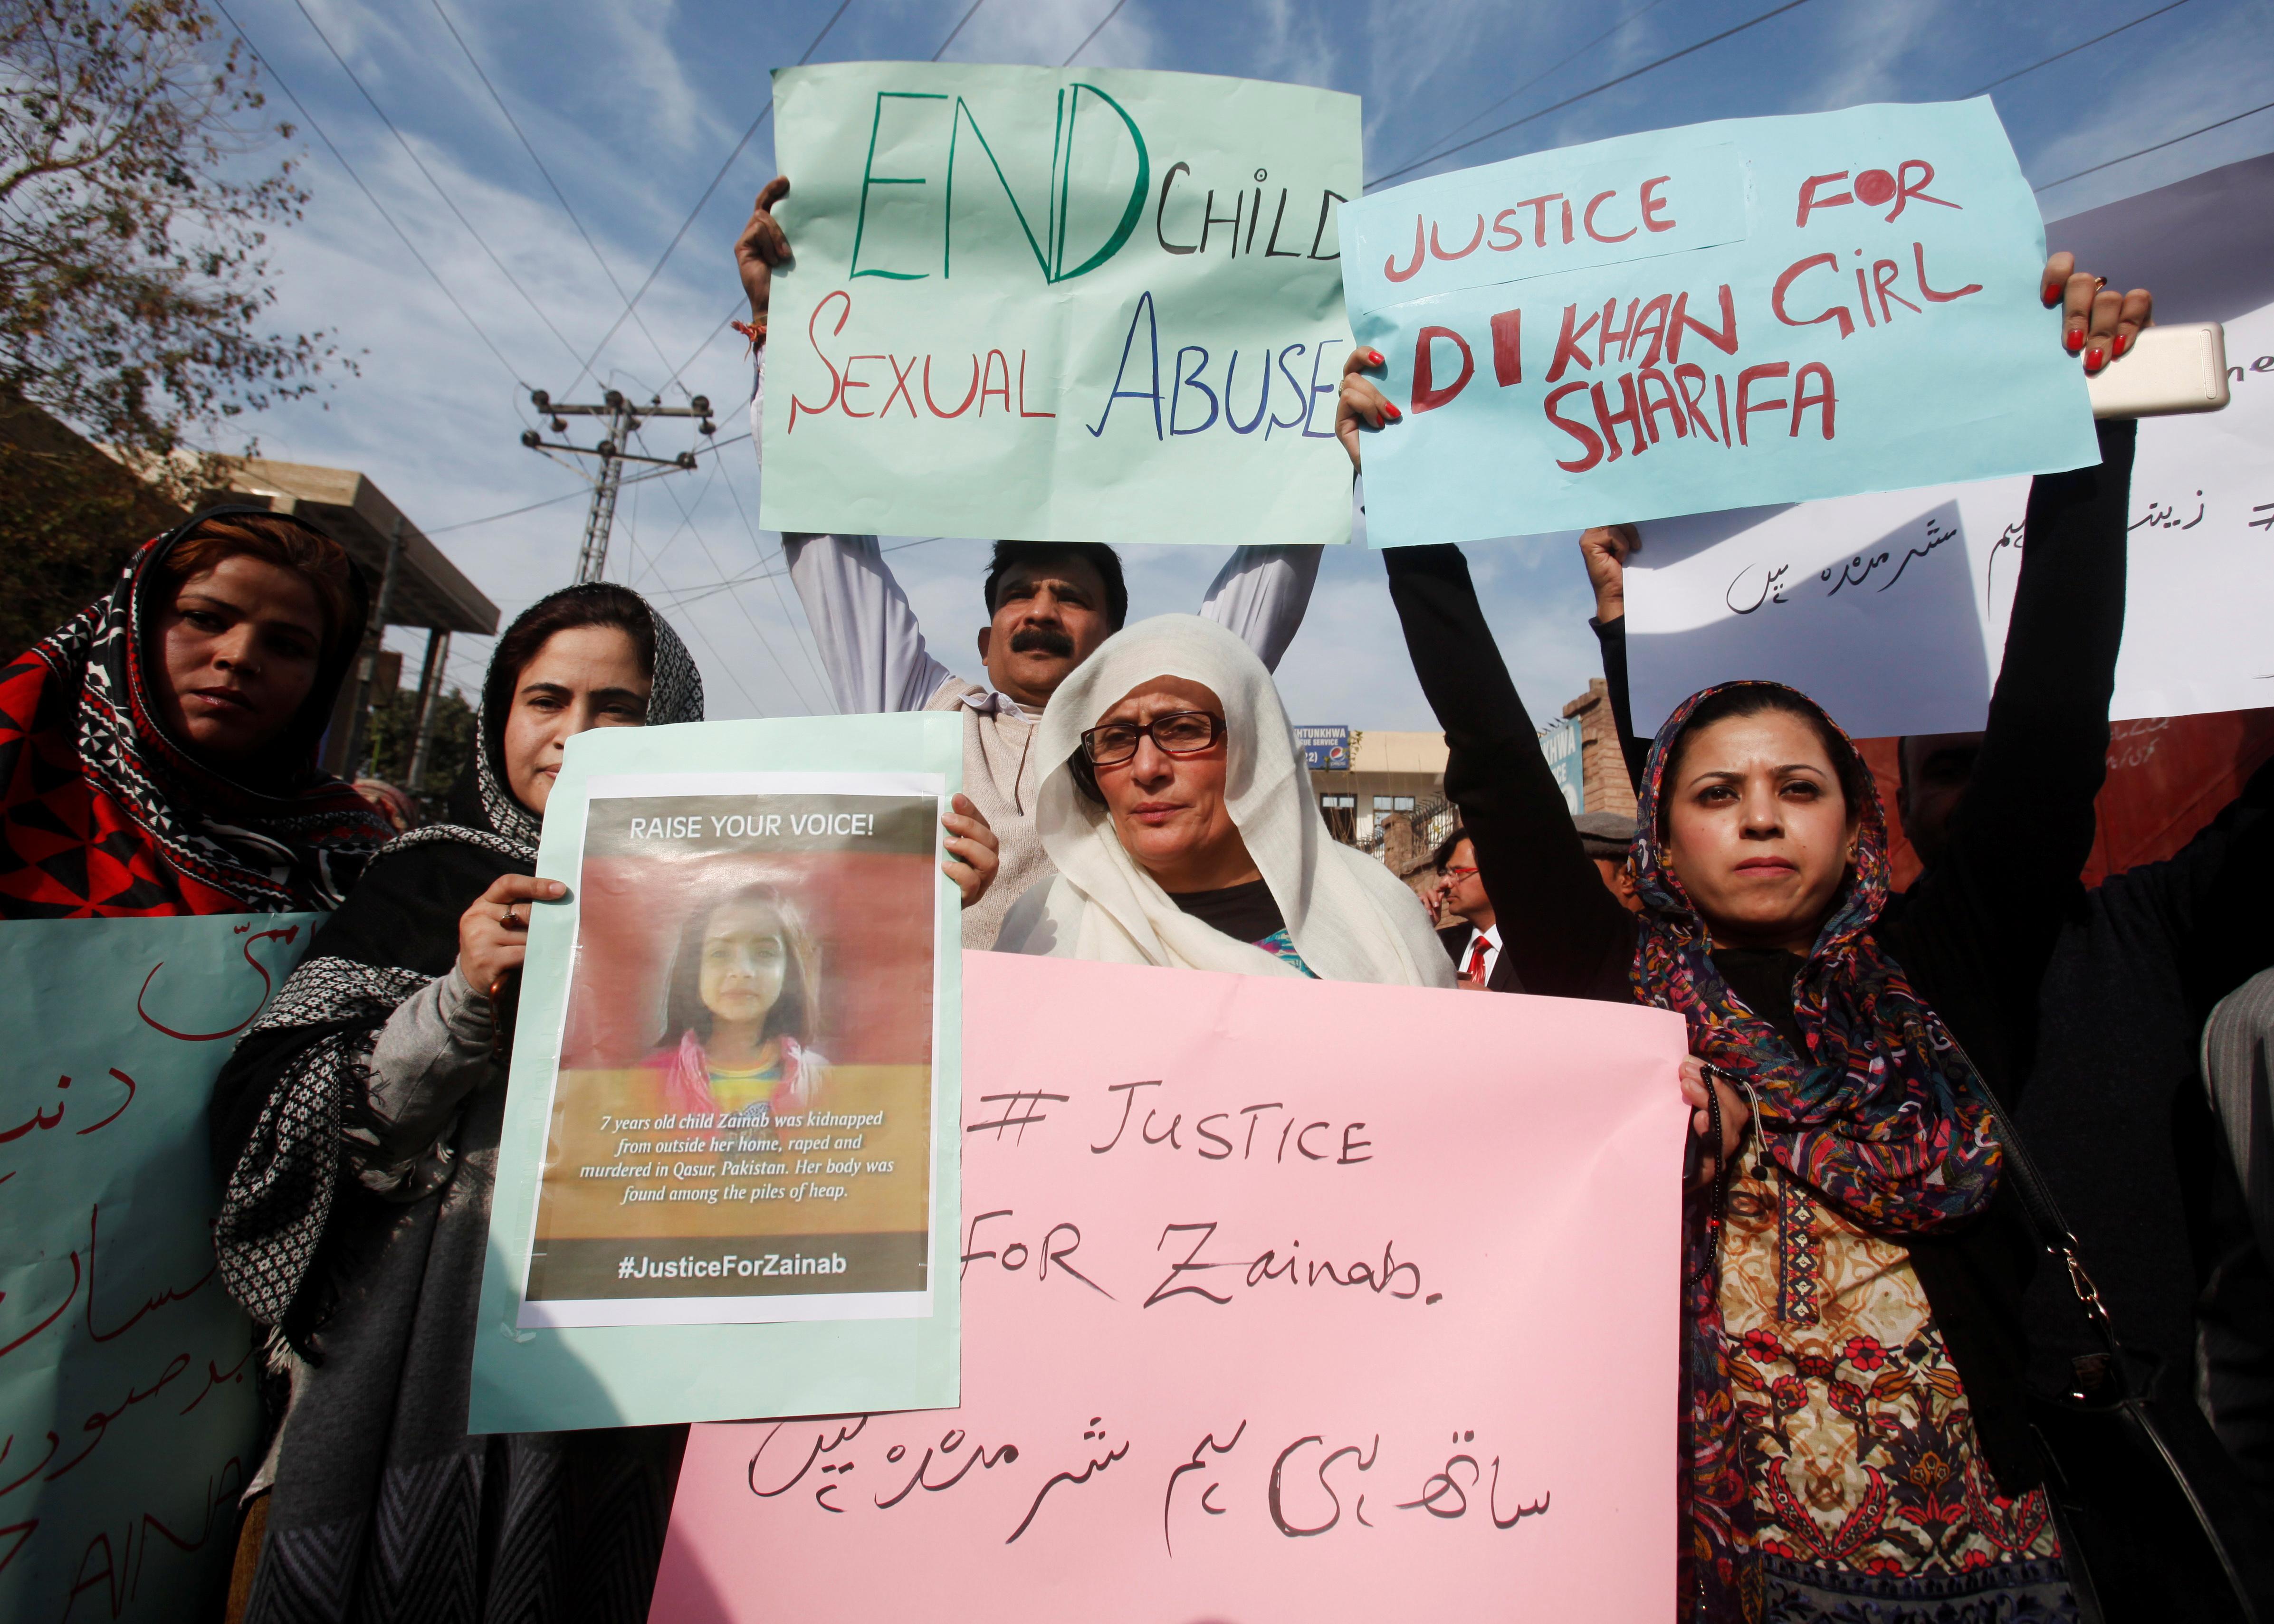 تظاهرات تطالب بالعدالة